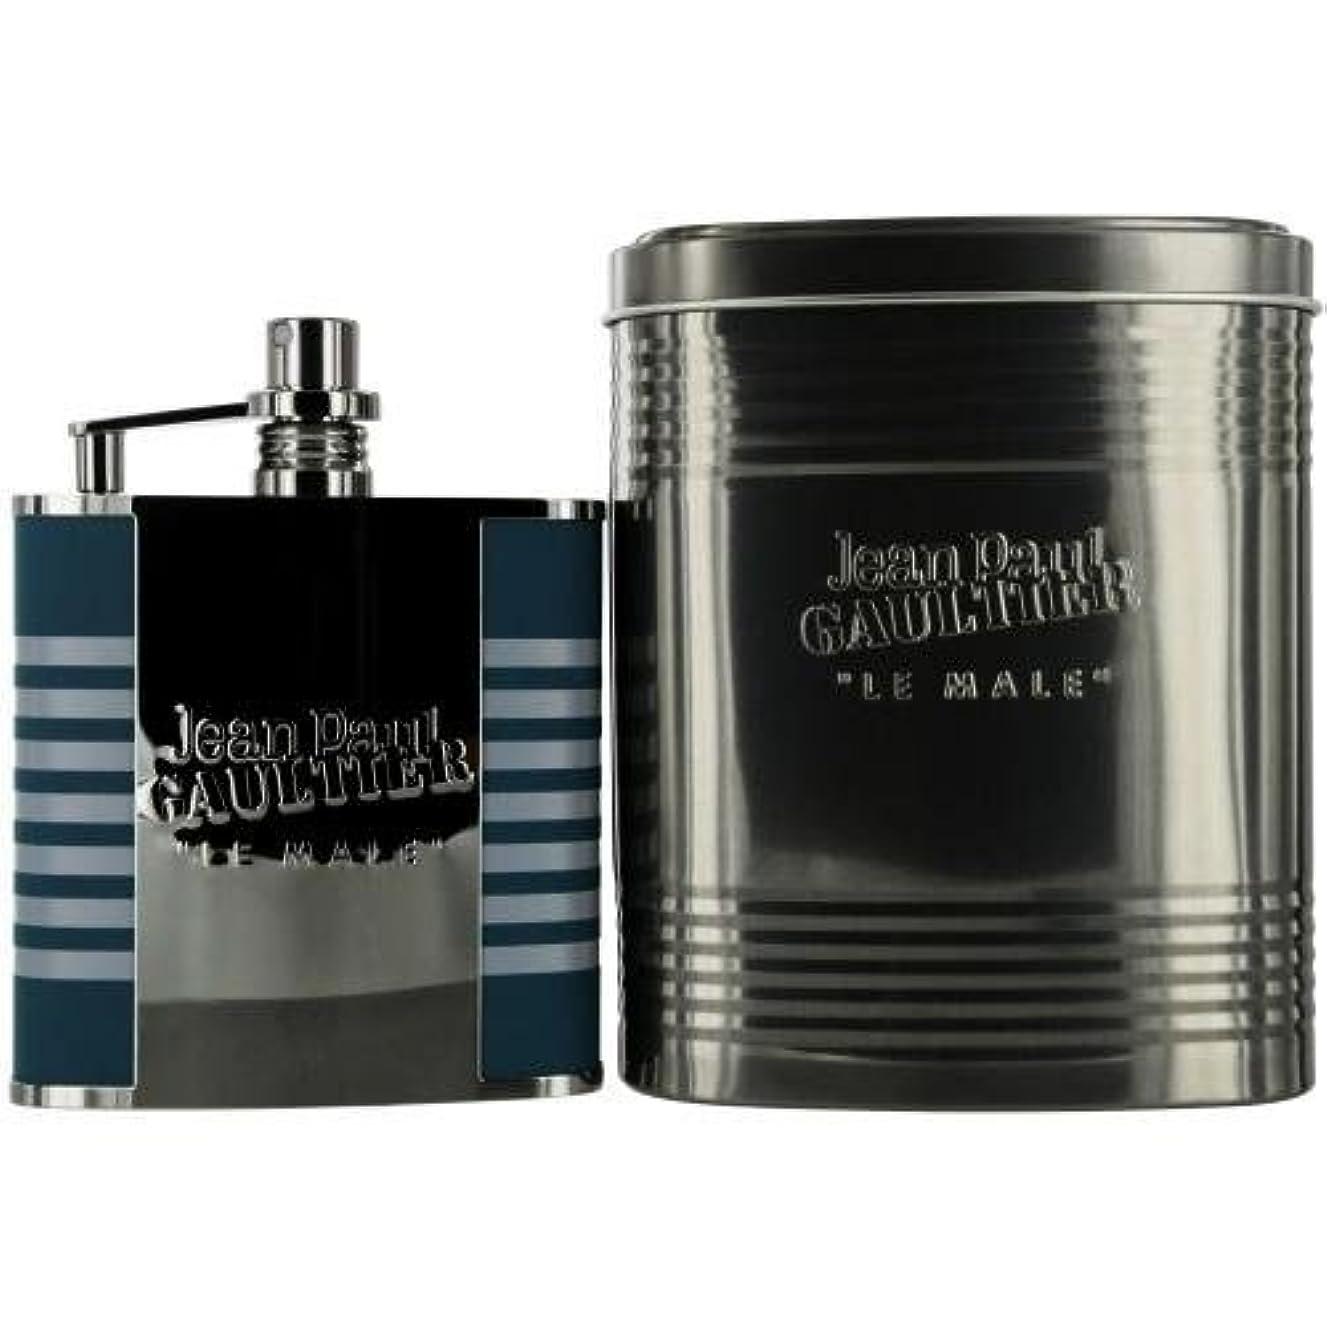 Jean Paul Gaultier Le Male Limited Edition for Men Eau de Toilette 4.2 oz